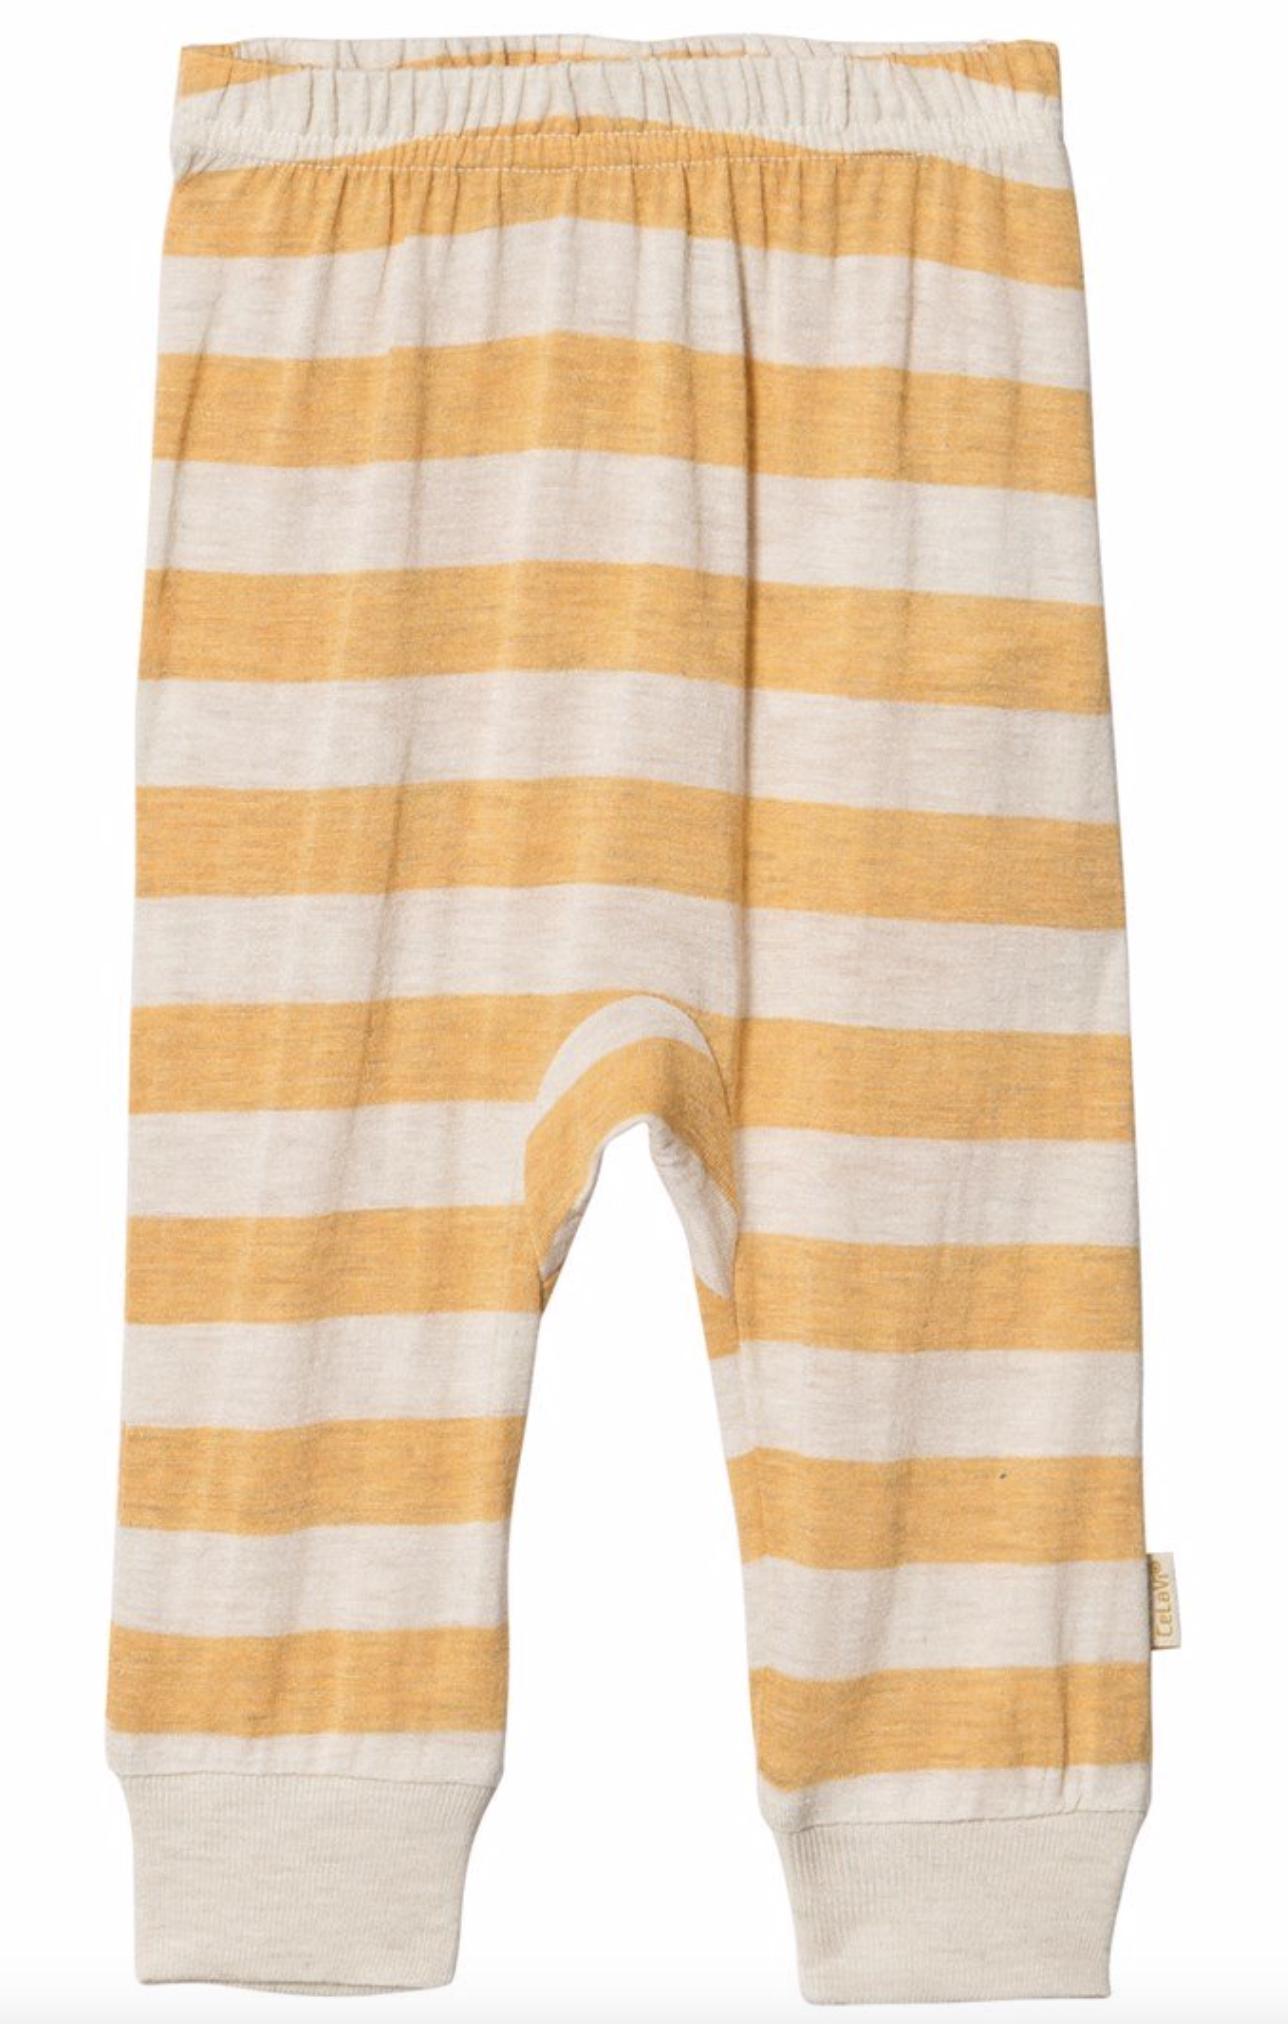 bukse bambusull striper mineral yellow Epleskrinet